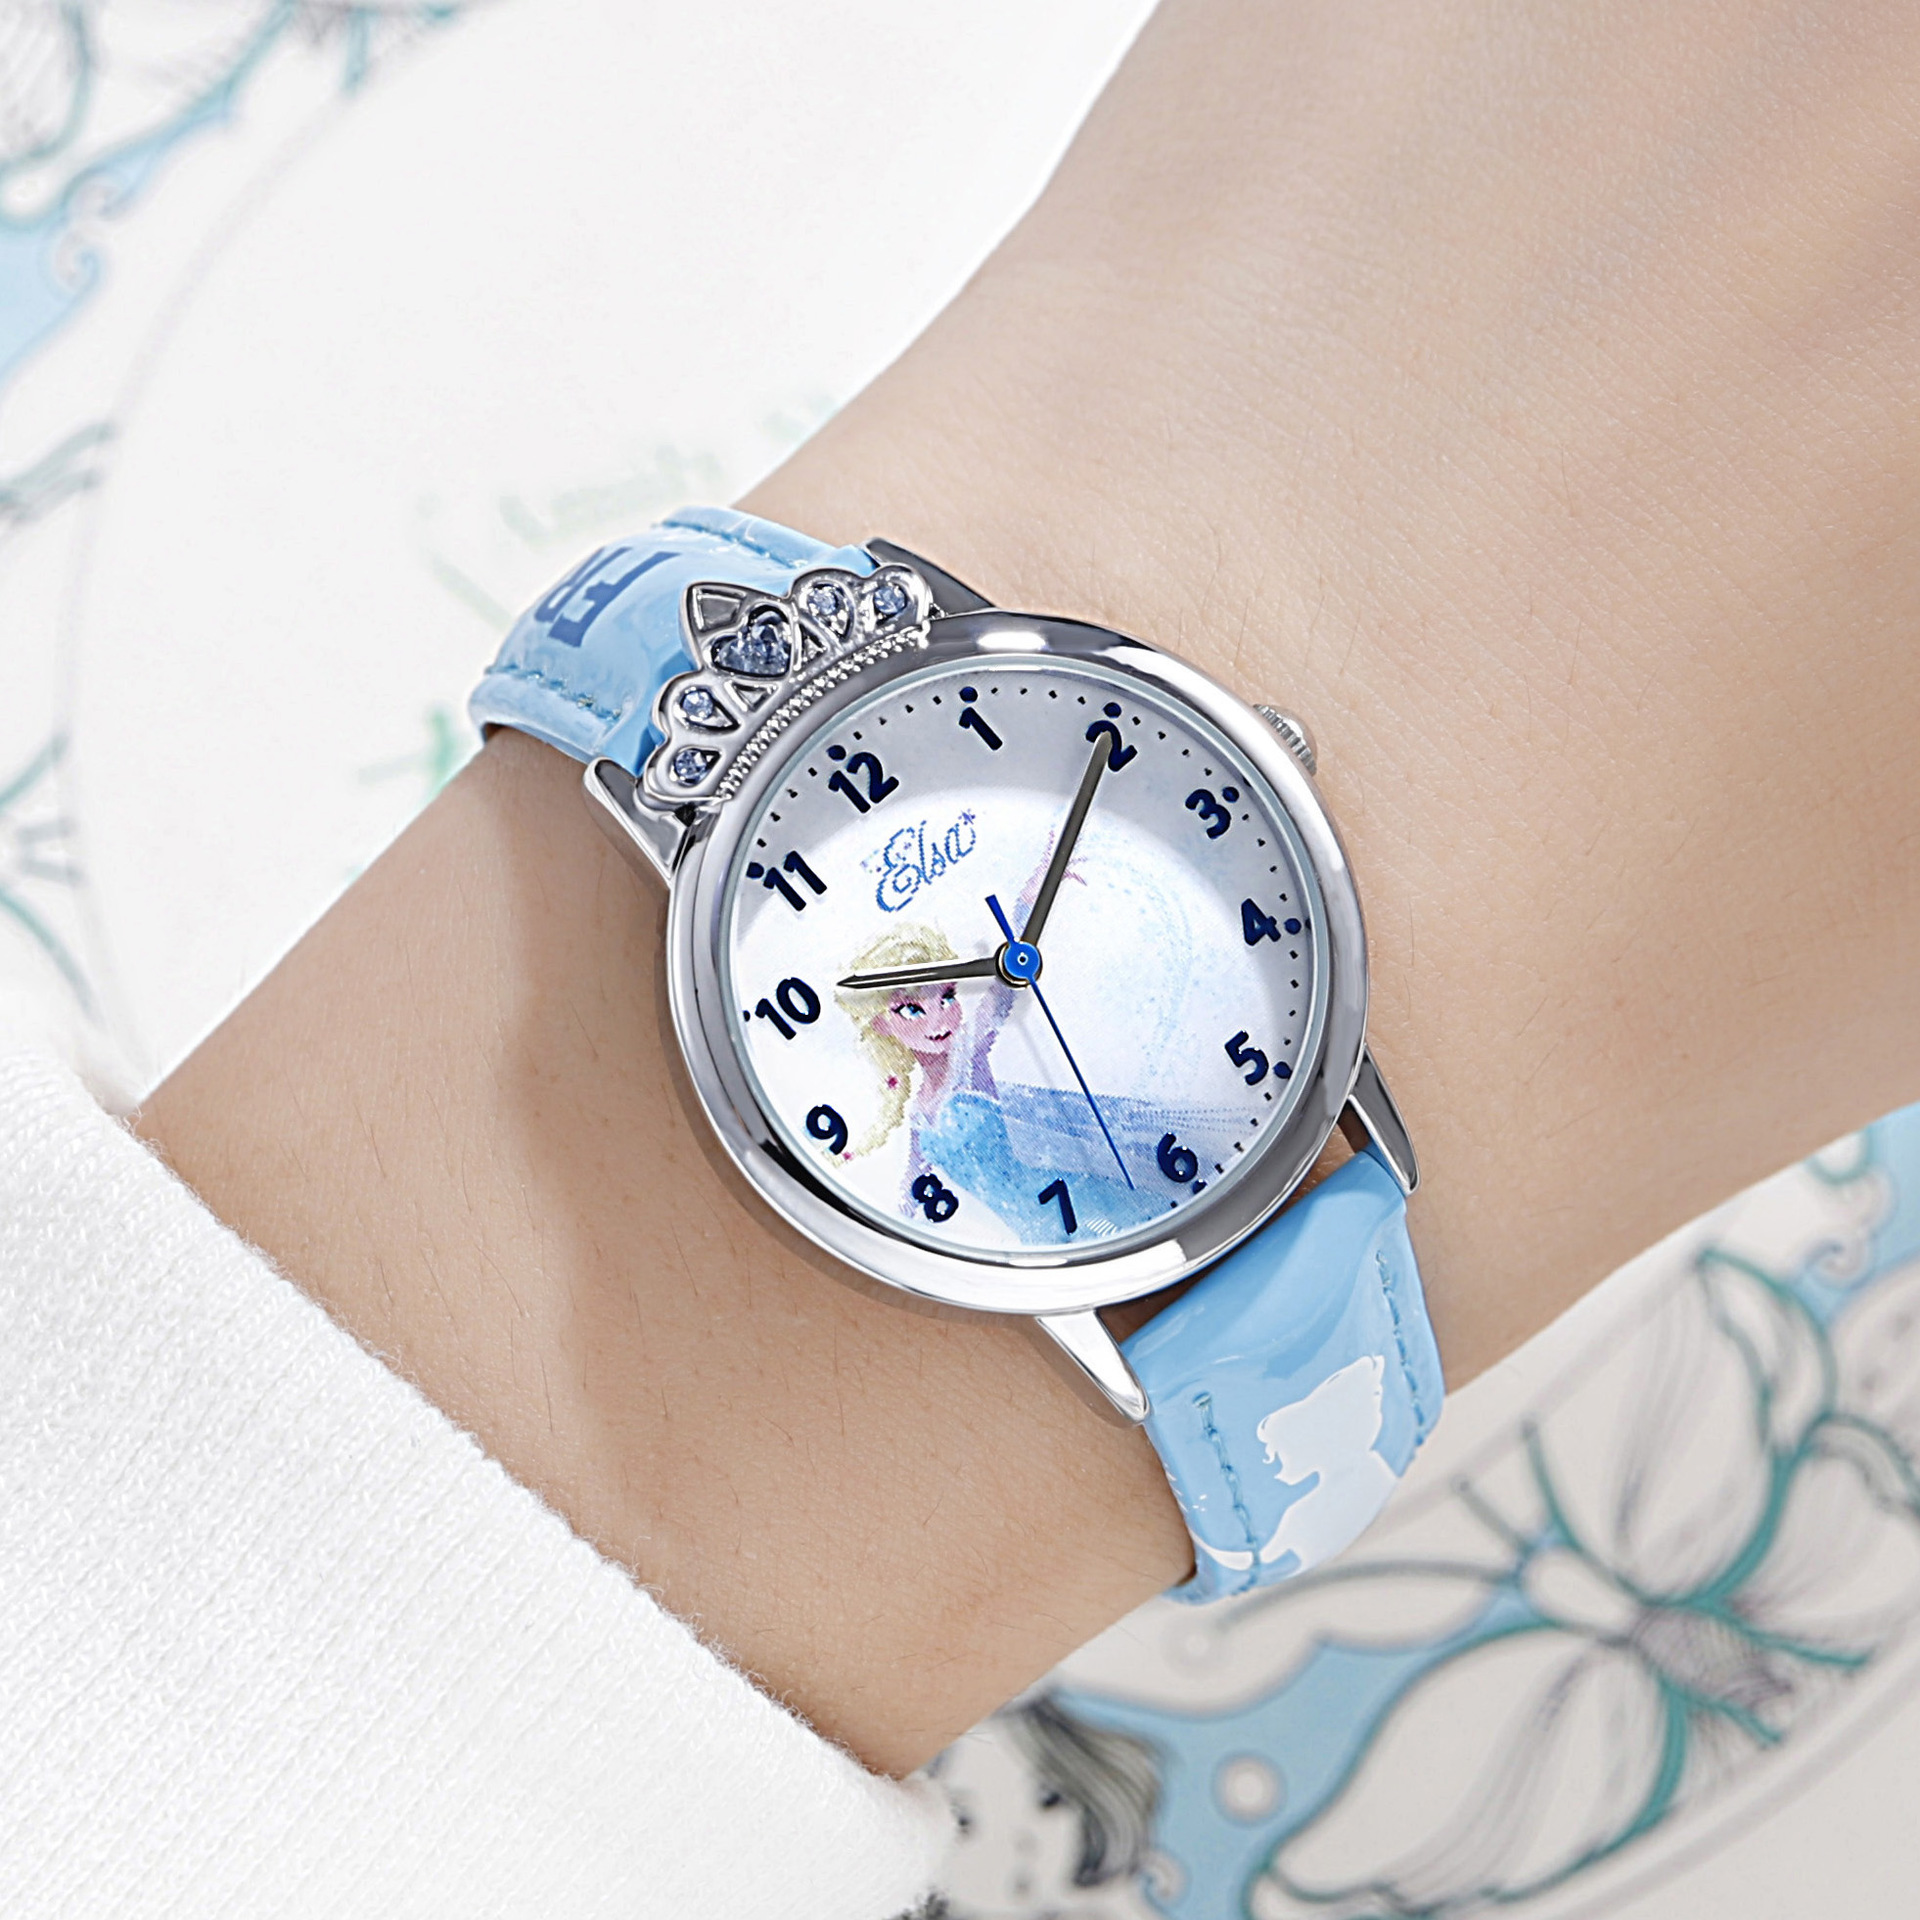 Disney Brand Children Girls Wristwatches Quartz Leather Waterproof Girl Watches Diamond Frozen Princess Child Clocks